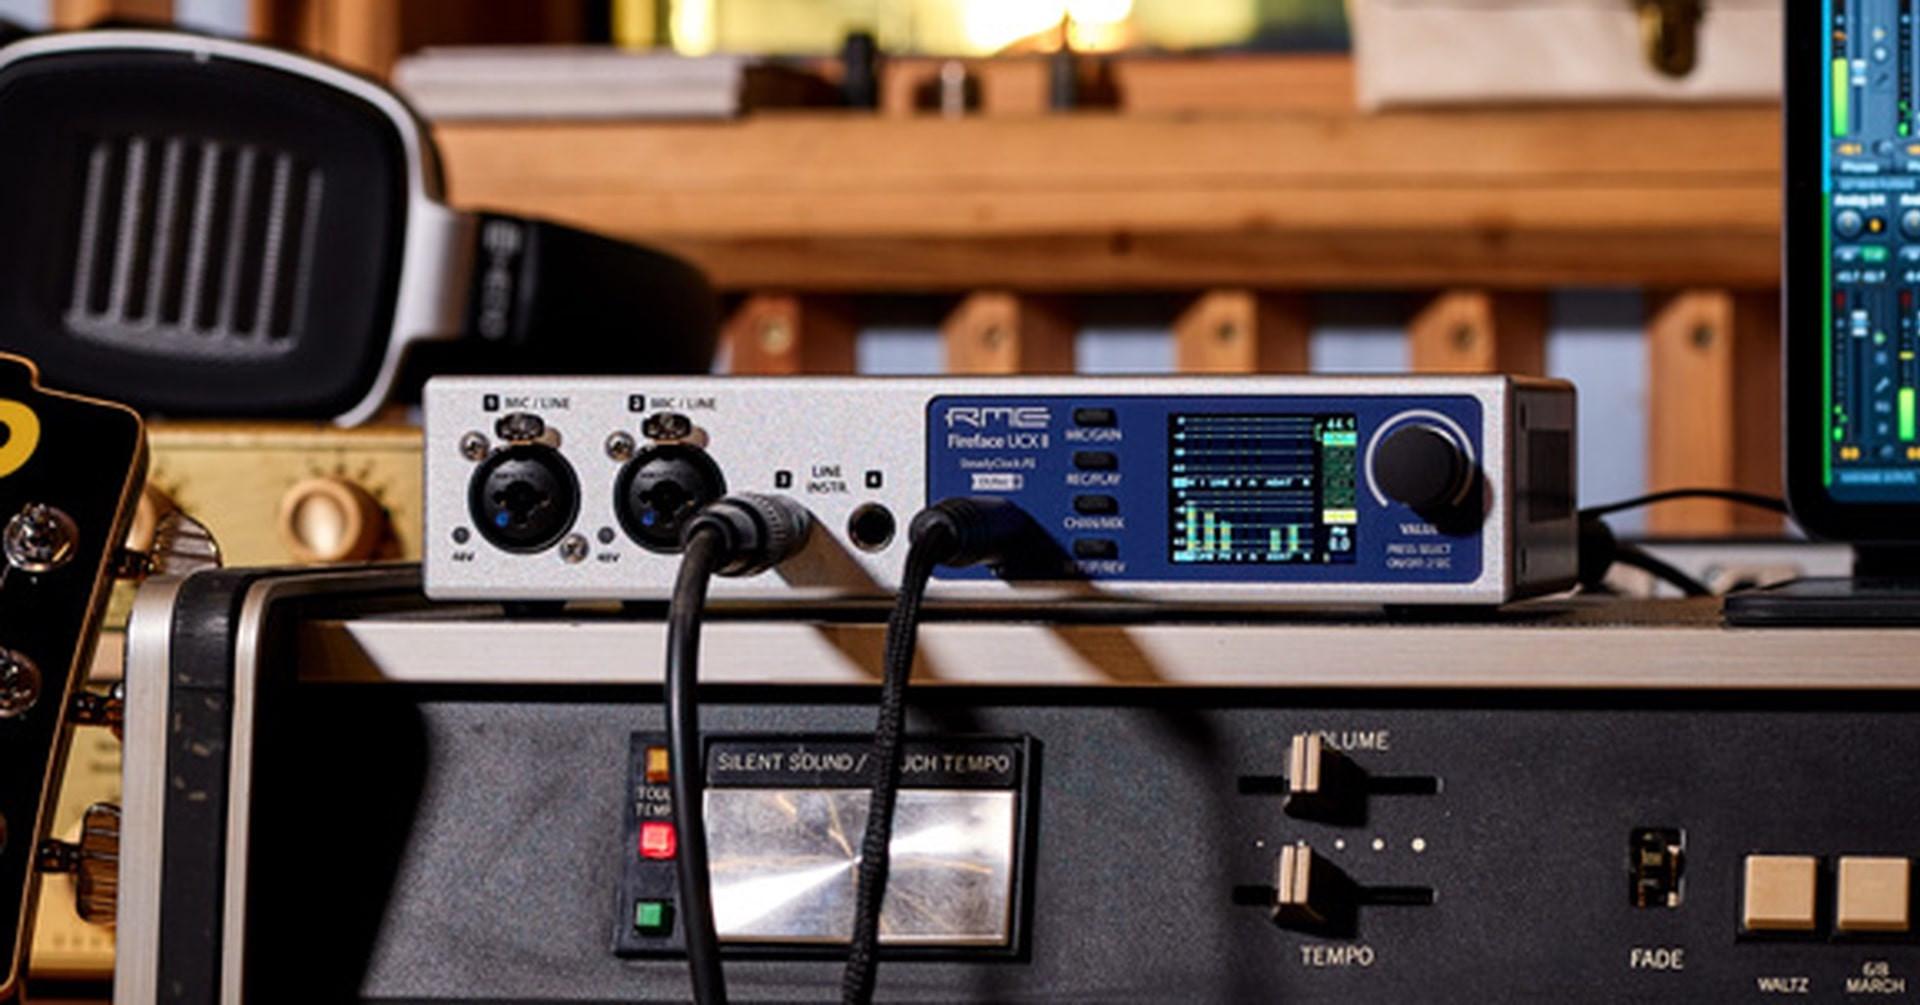 NOWY interfejs audio od RME - Fireface UCX II